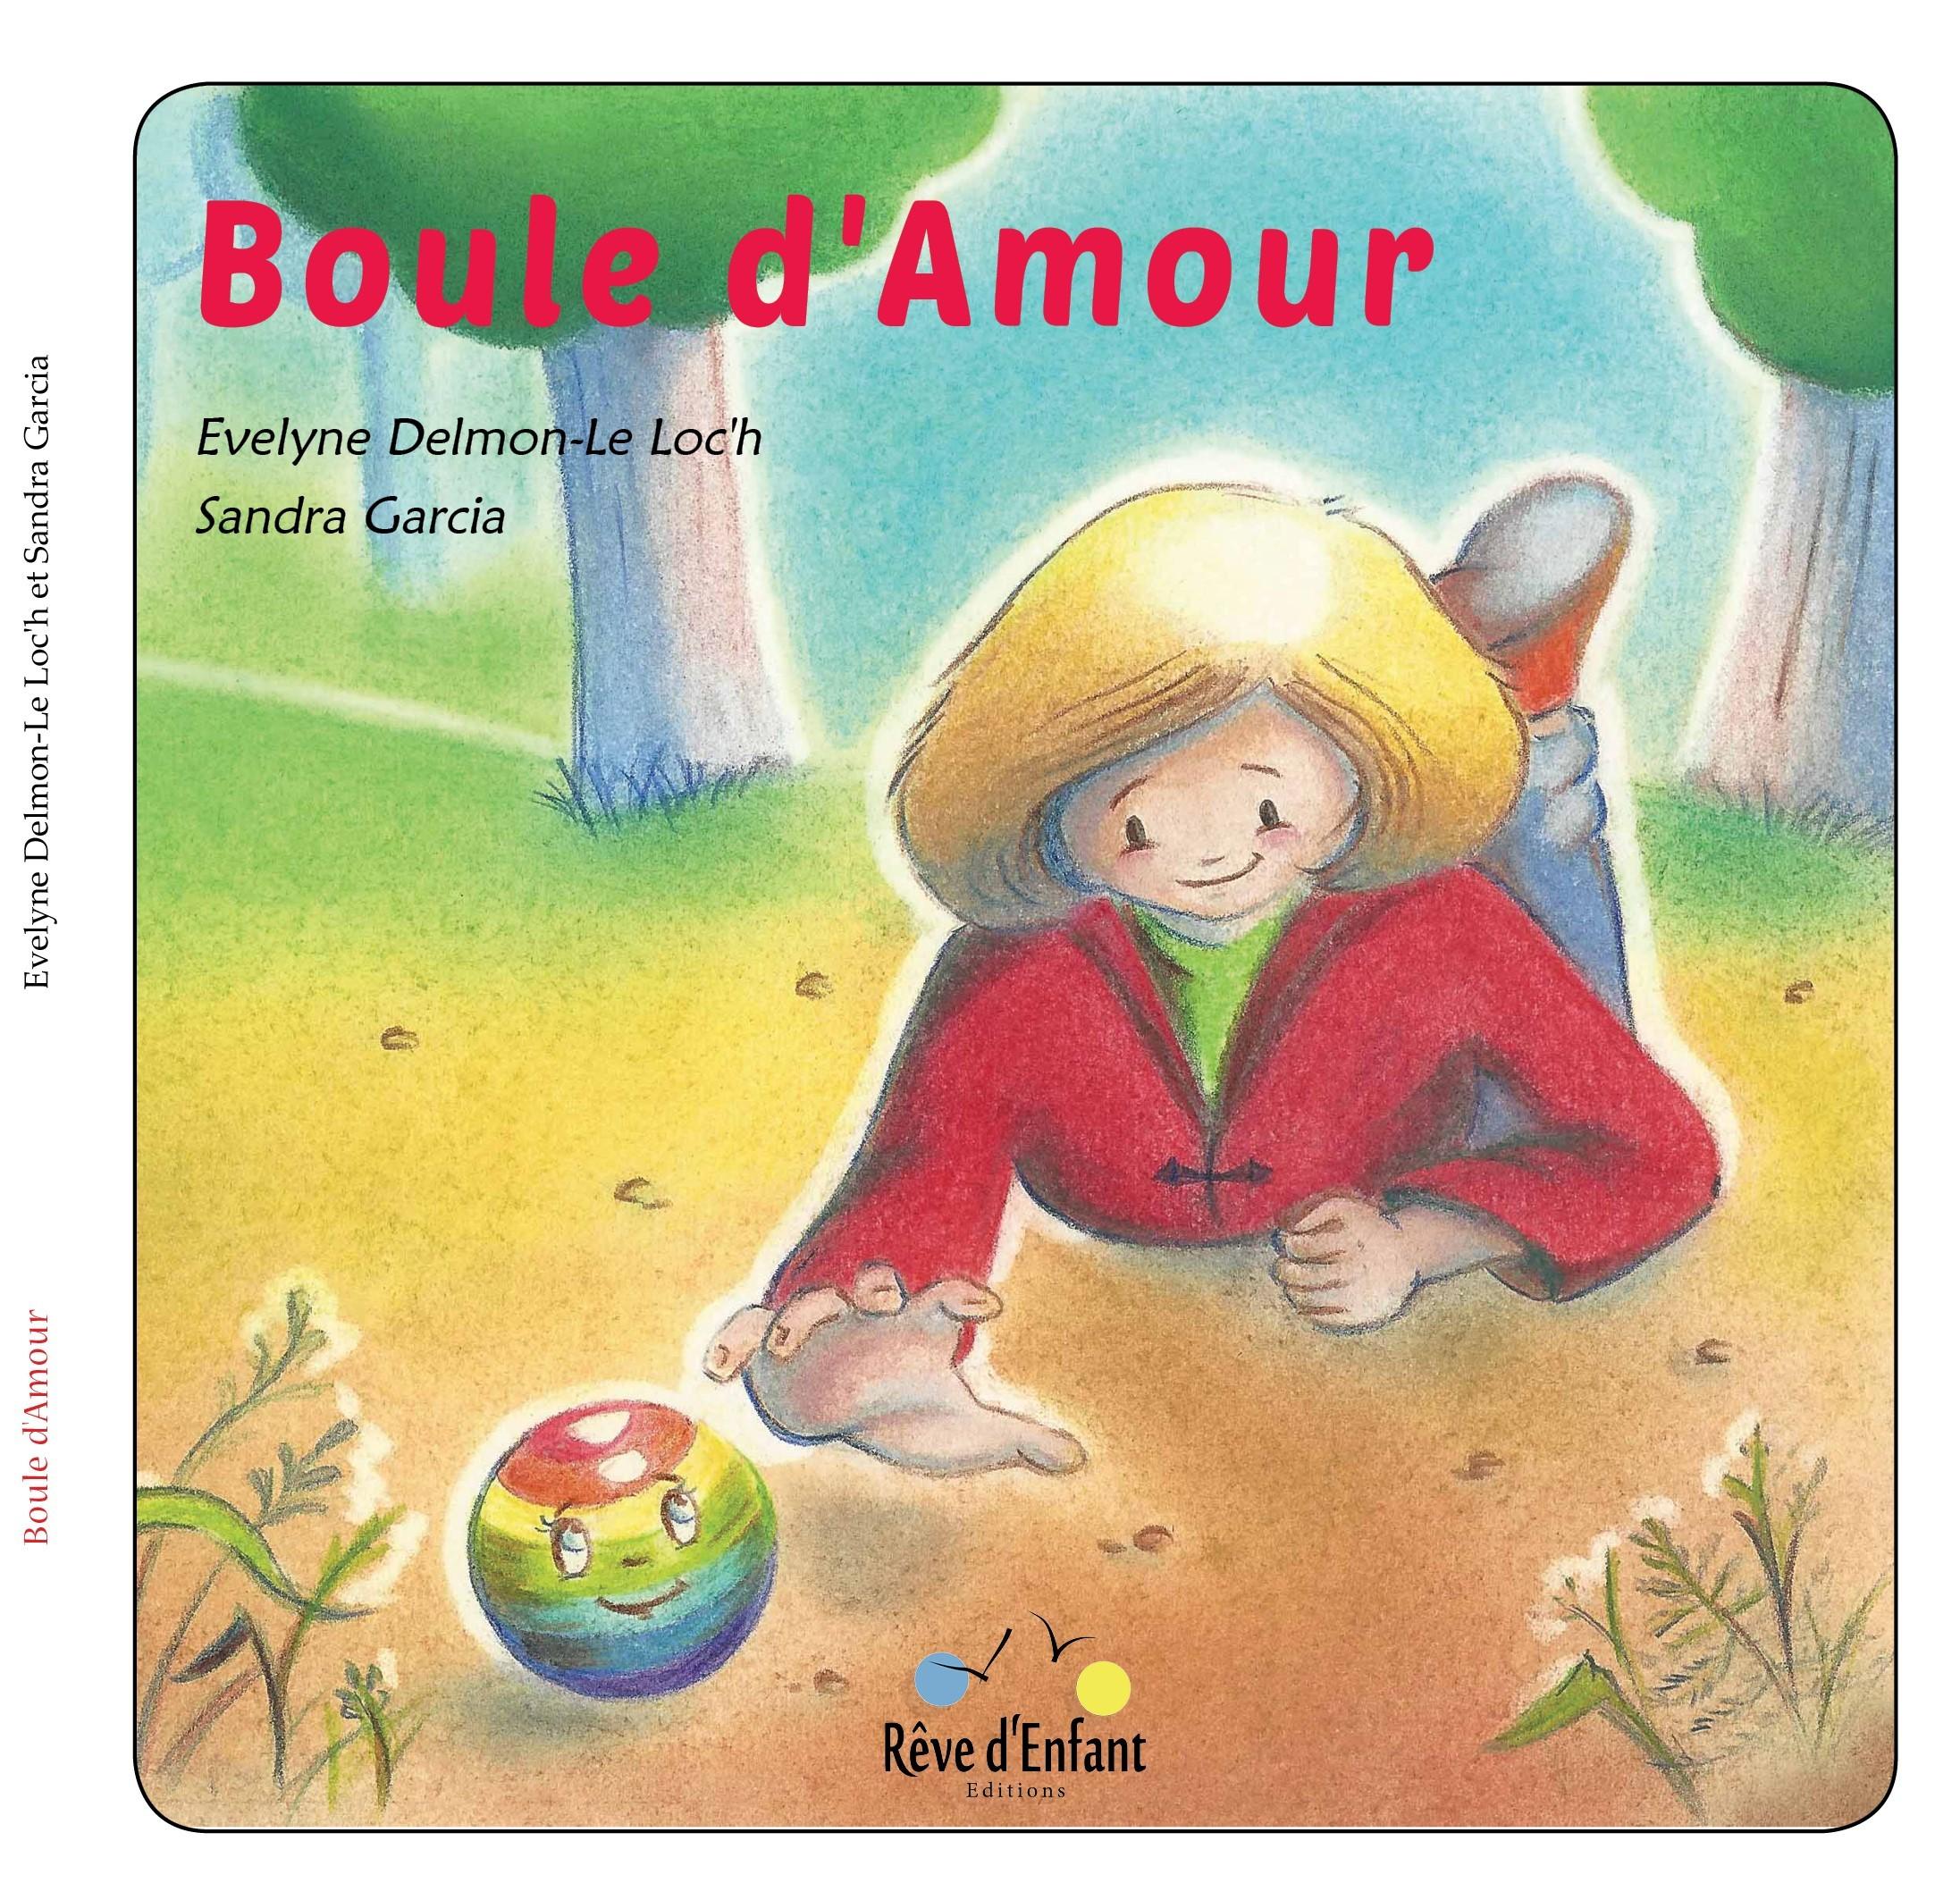 BOULE D'AMOUR